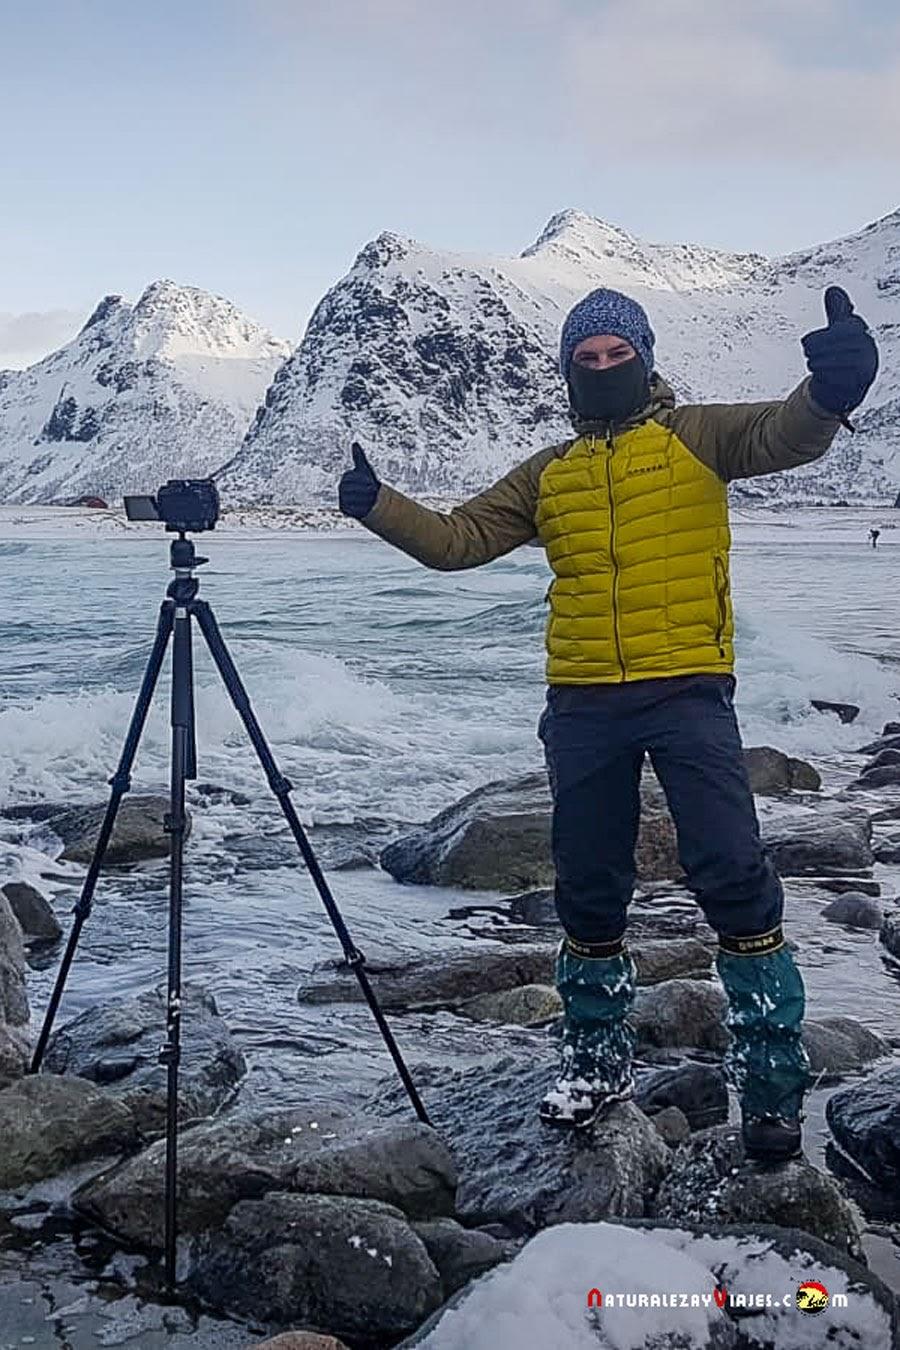 Antonio Ruiz, naturaleza y viajes.com blog de viajes